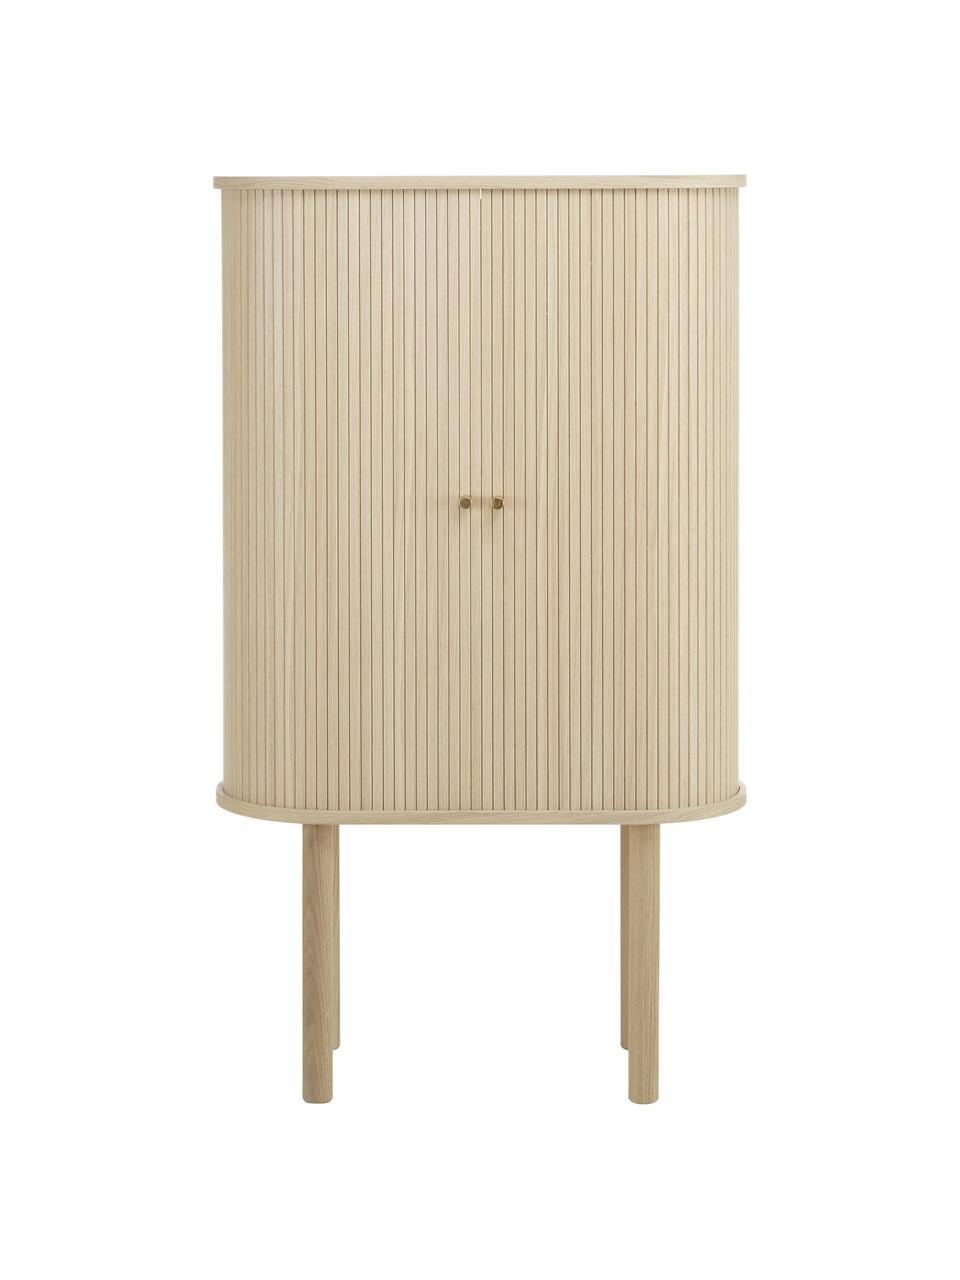 Houten dressoir Calary met geribde voorzijde, Frame: MDF en multiplex met eike, Poten: massief eikenhout, FSC-ge, Licht hout, 75 x 130 cm